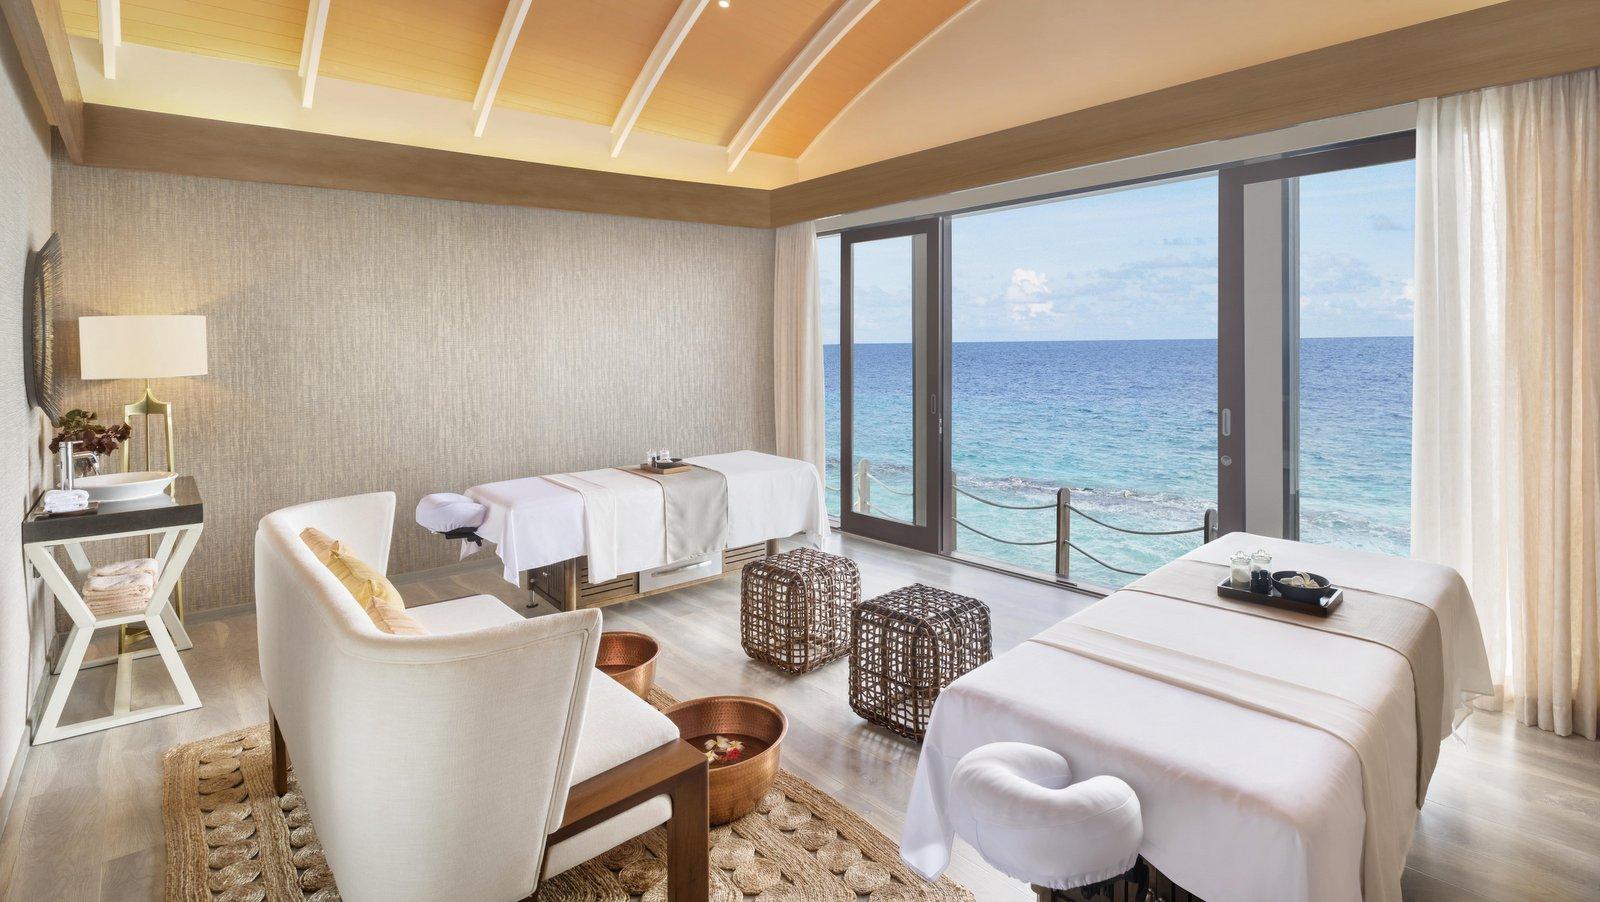 Мальдивы, отель JW Marriott Maldives Resort, спа